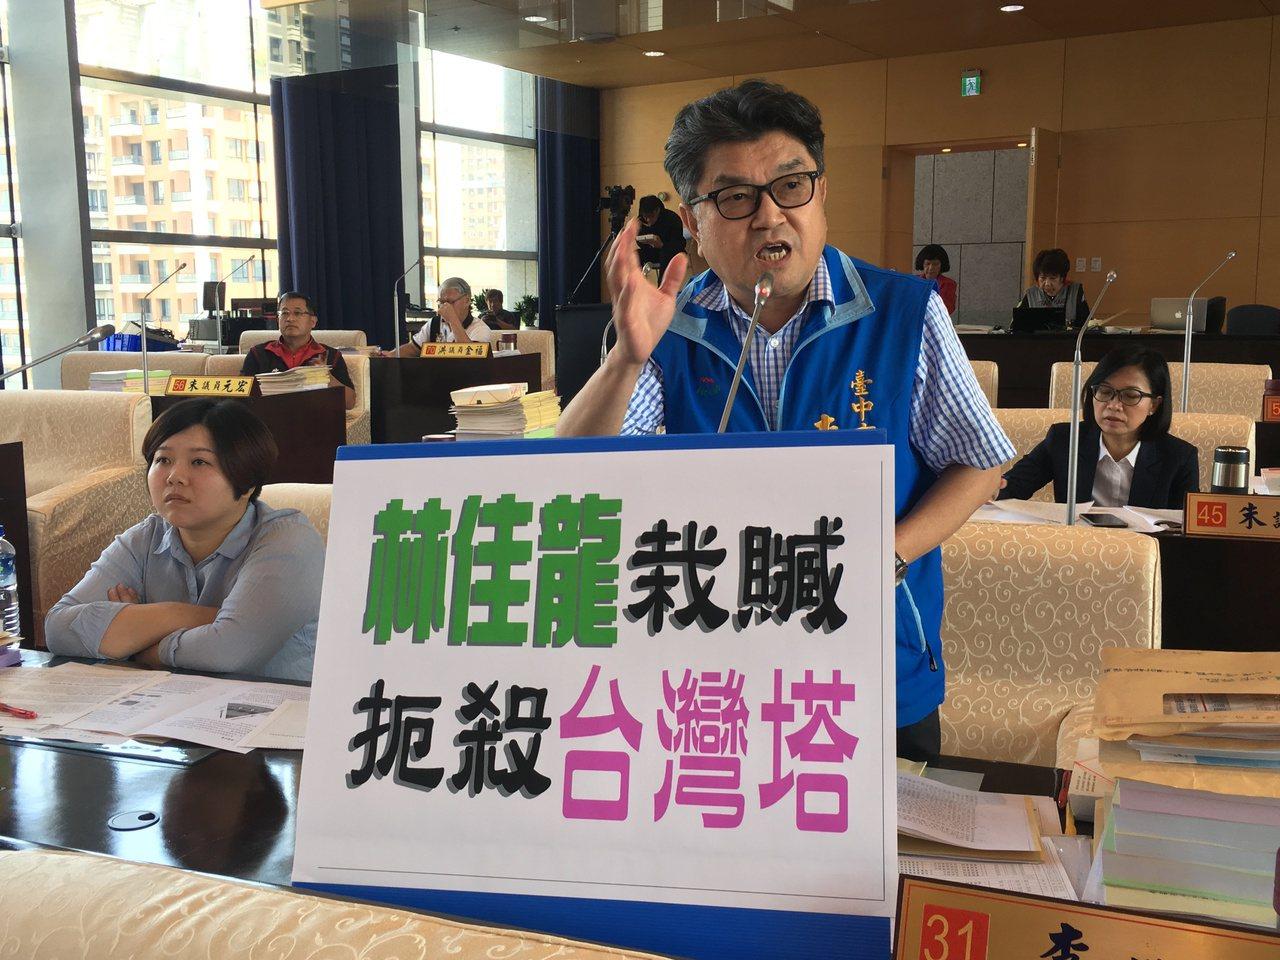 國民黨籍市議員李中質疑林佳龍惡意栽贓台灣塔,如今面臨巨額賠償。圖/市議員李中提供